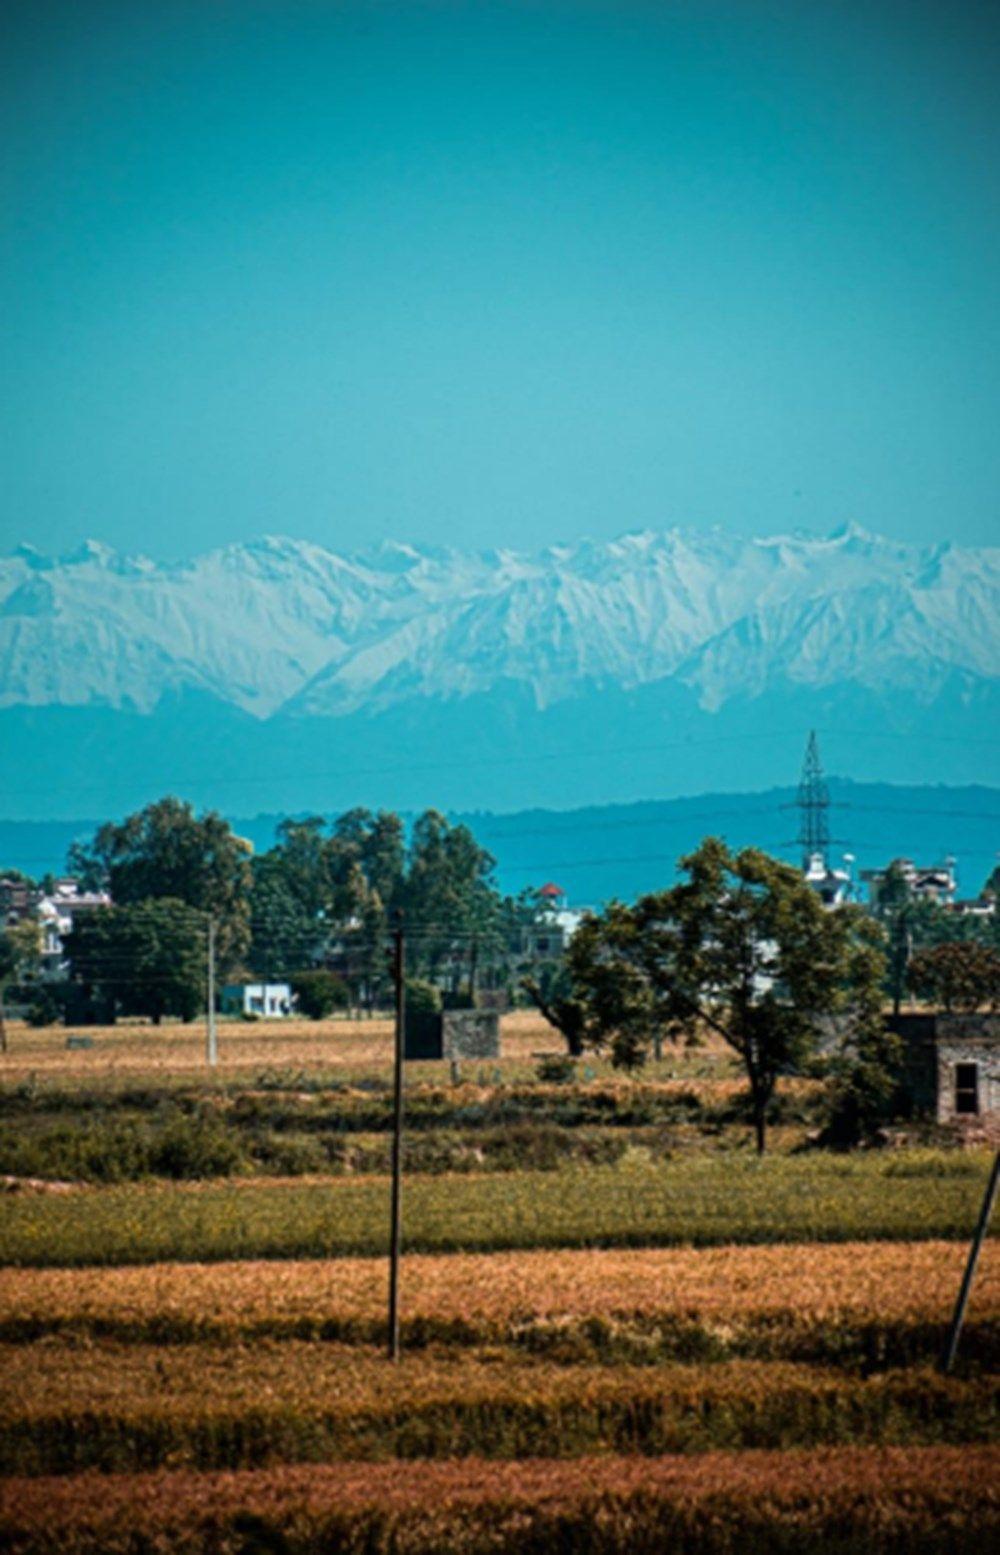 Himayala dağları karantinadayken 30 yıl sonra tekrar görüldü! - Sayfa 1